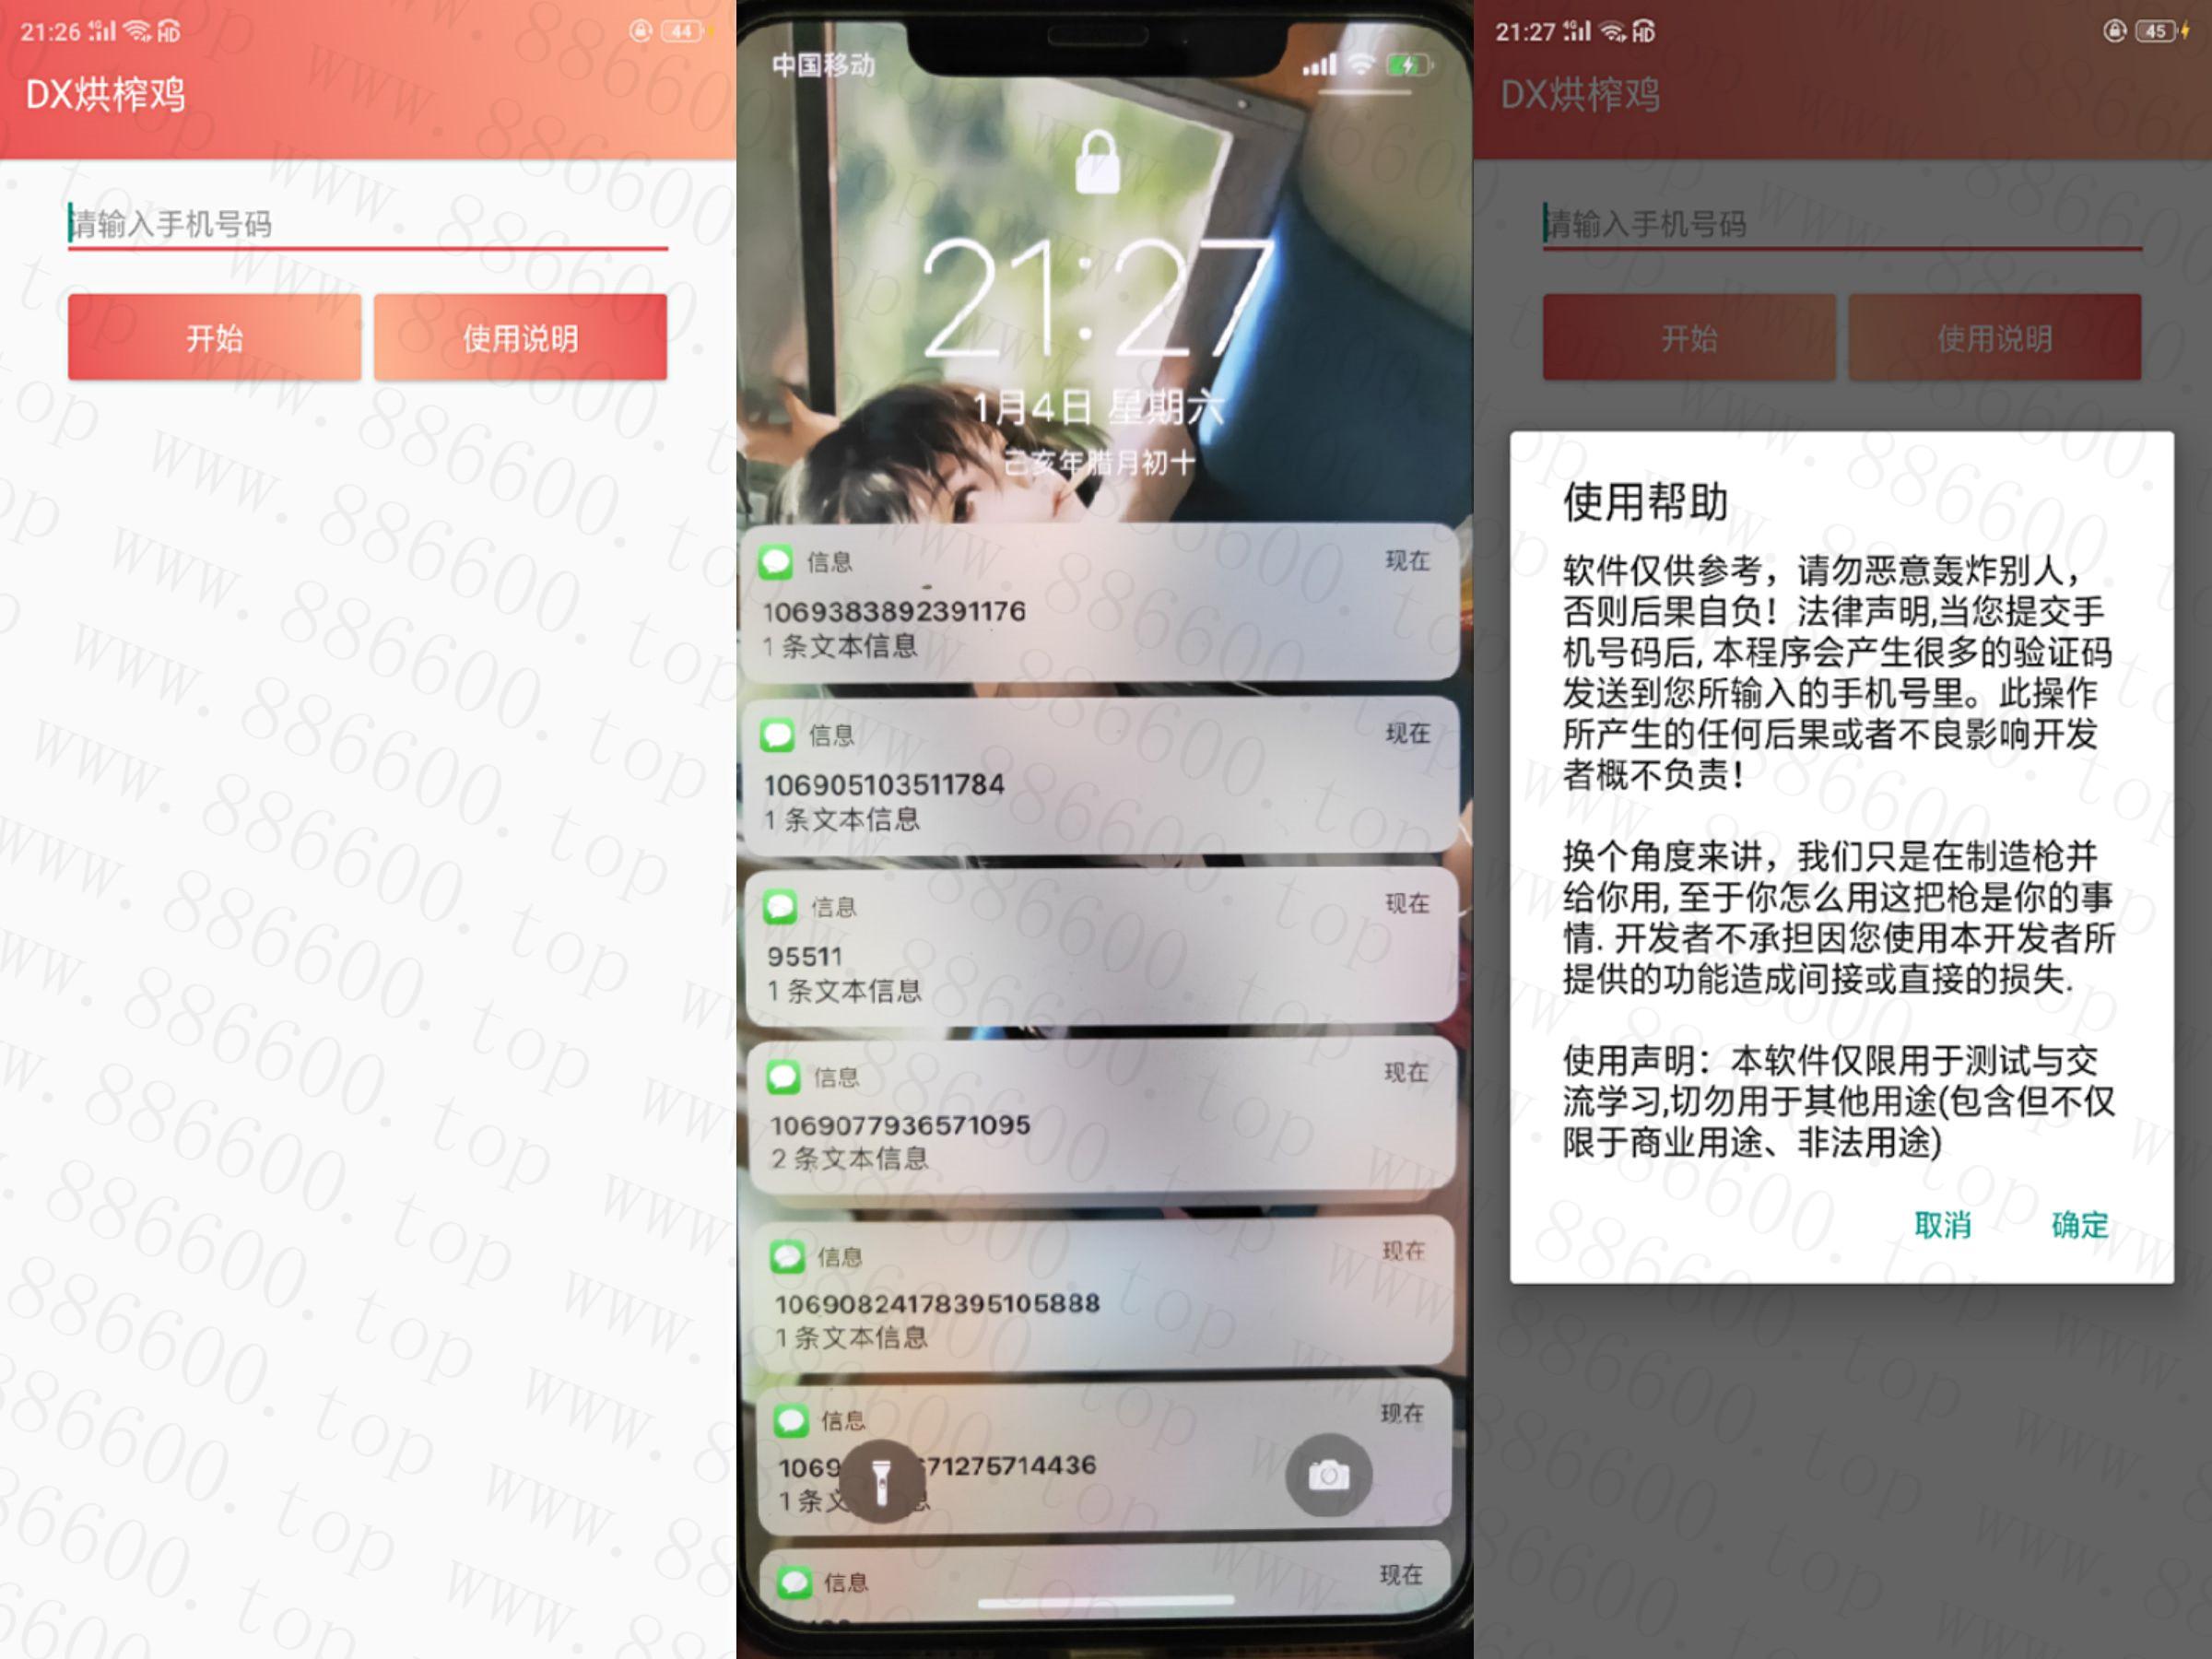 安卓短信轰炸机V2.0.0 速度快分分钟99+